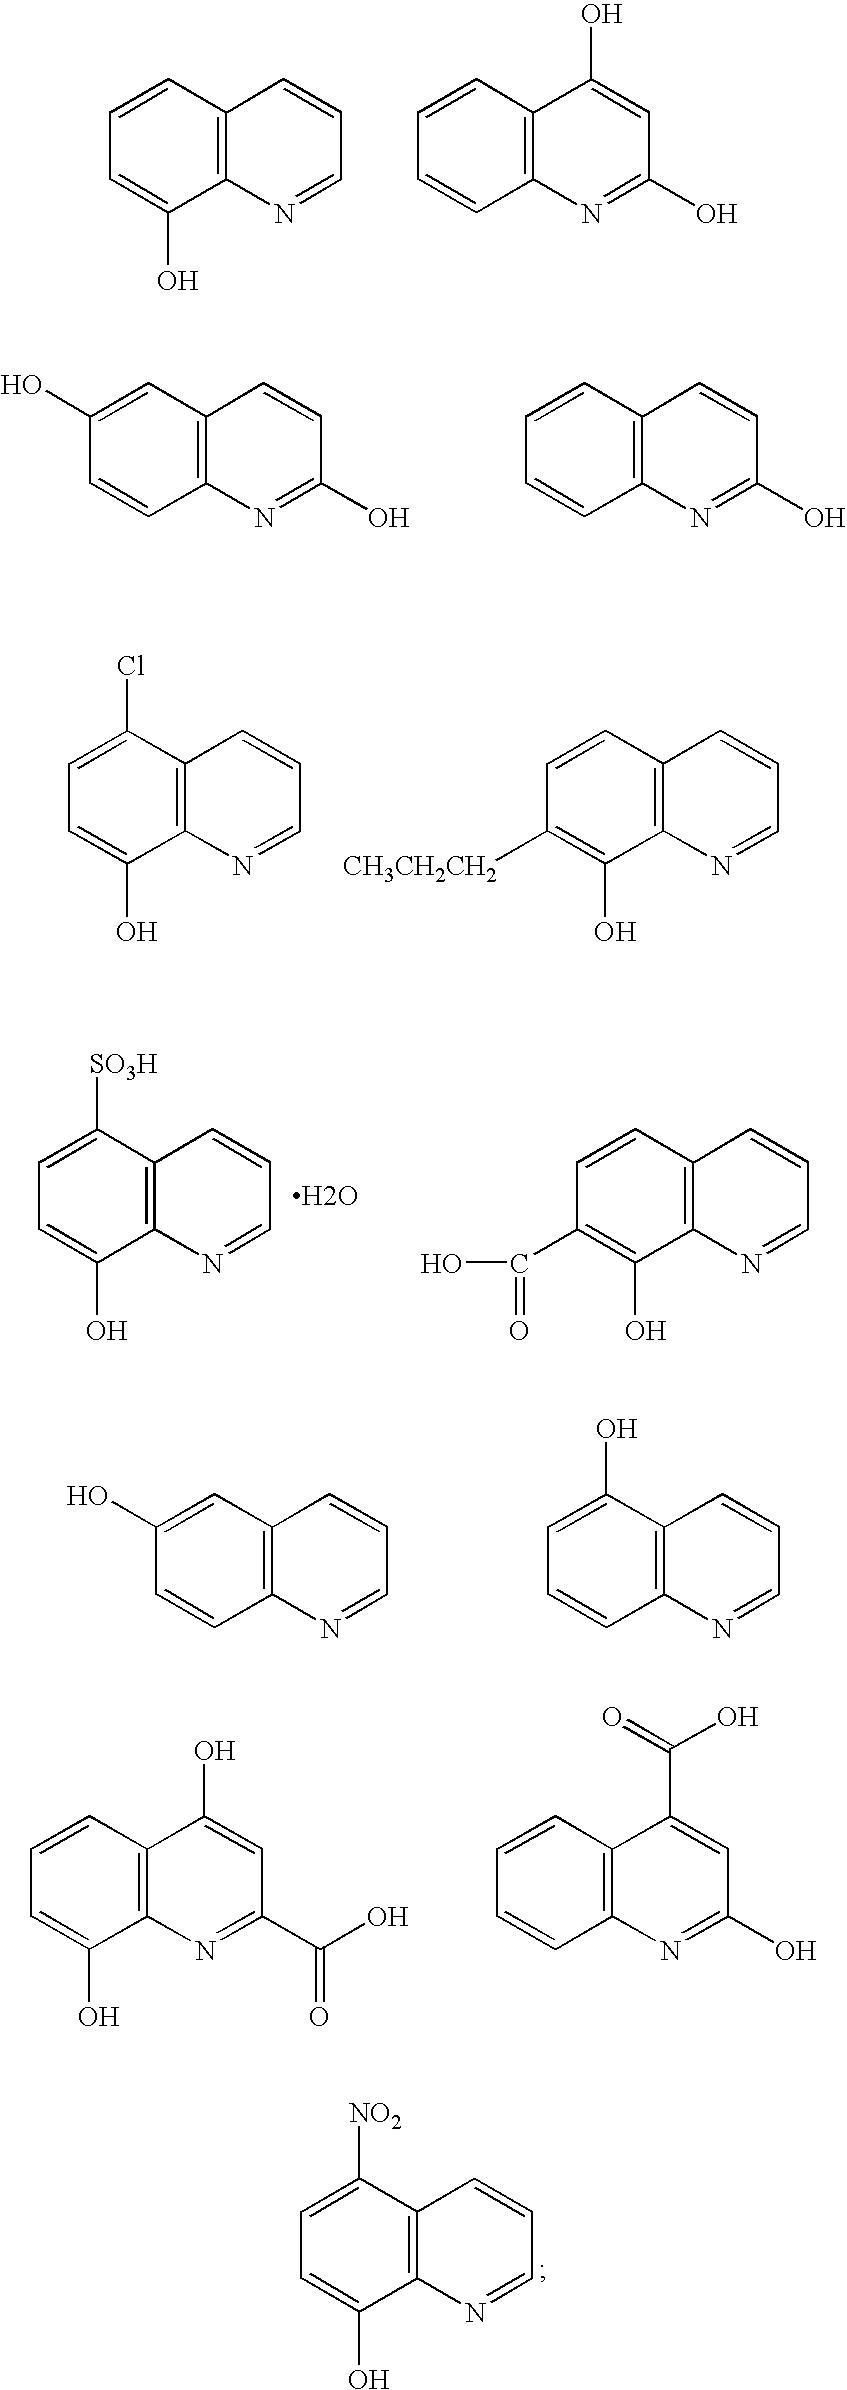 Figure US07981578-20110719-C00001